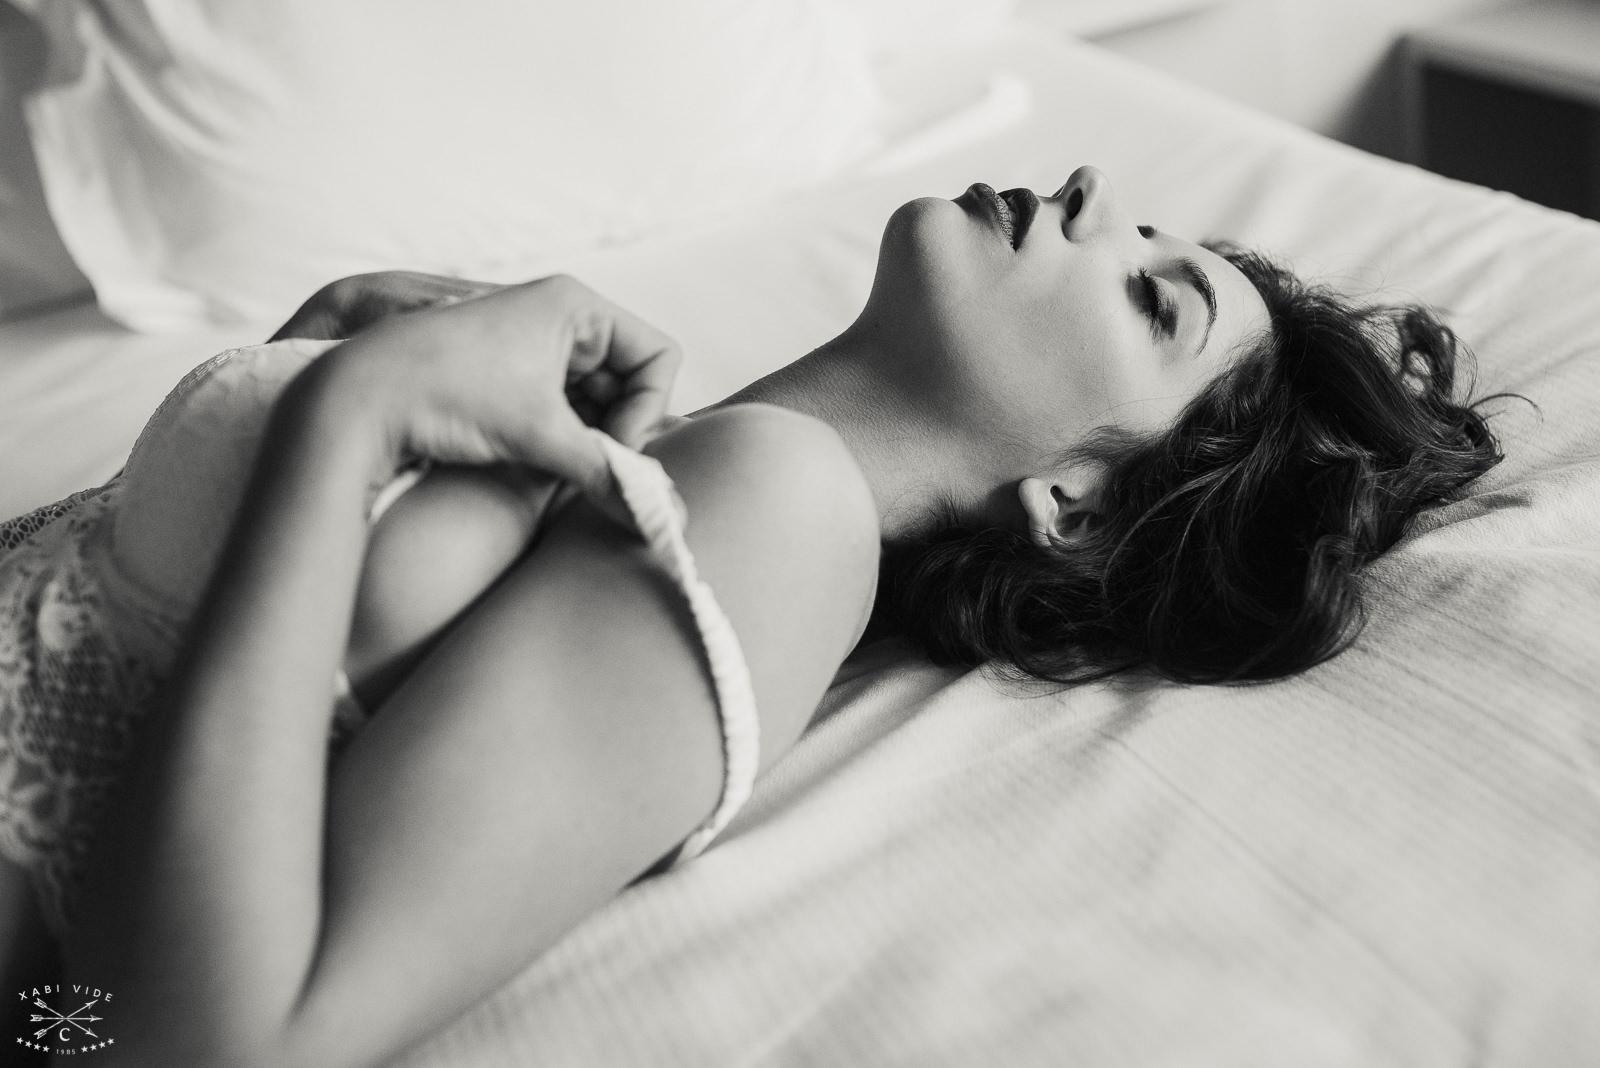 oihane_boudoir_xabivide-13